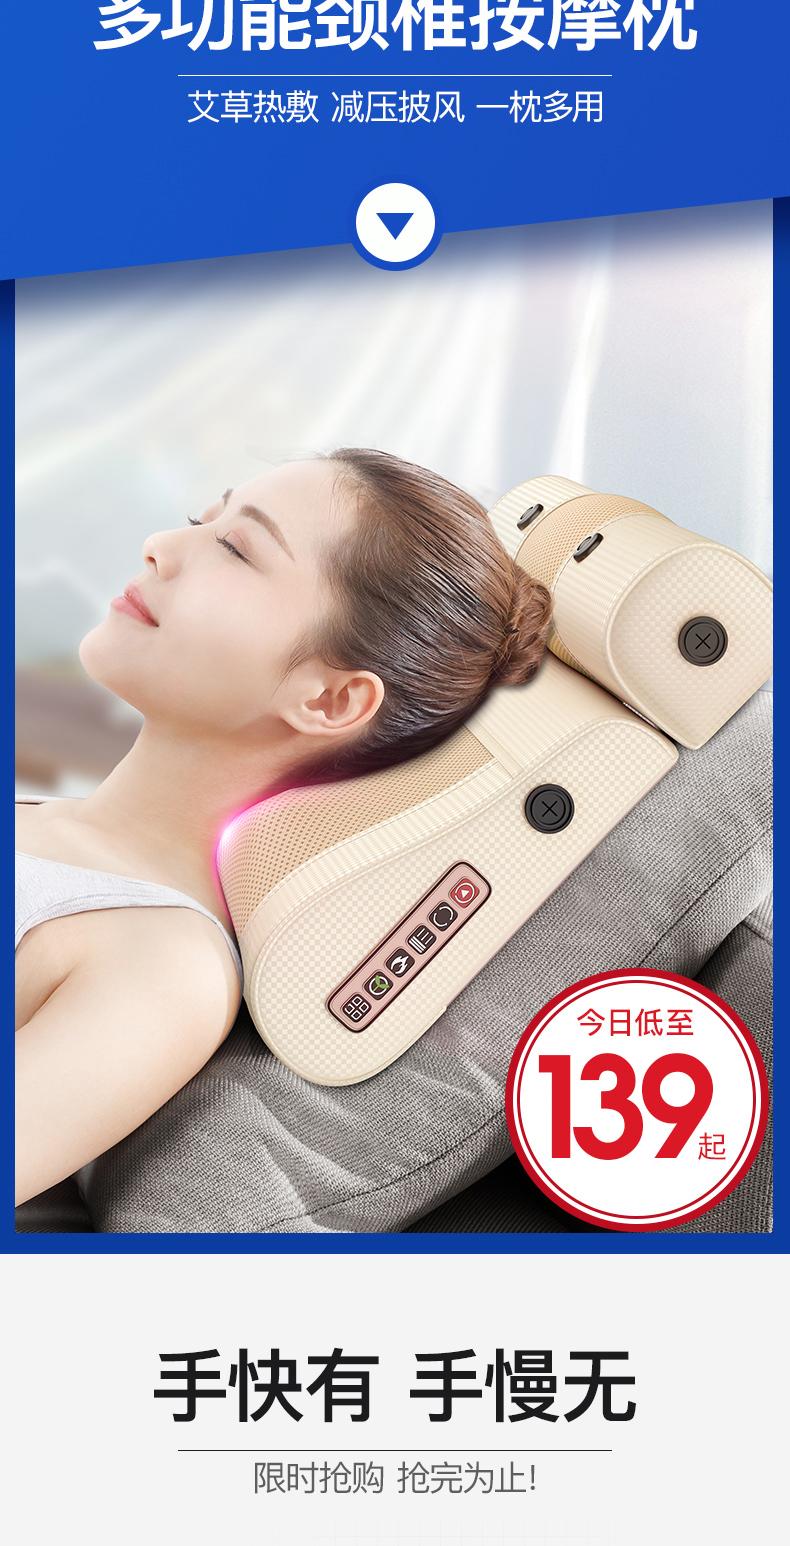 多功能肩颈椎按摩器颈部腰部家用电动理疗揉捏仪腰椎劲椎枕头神器详细照片